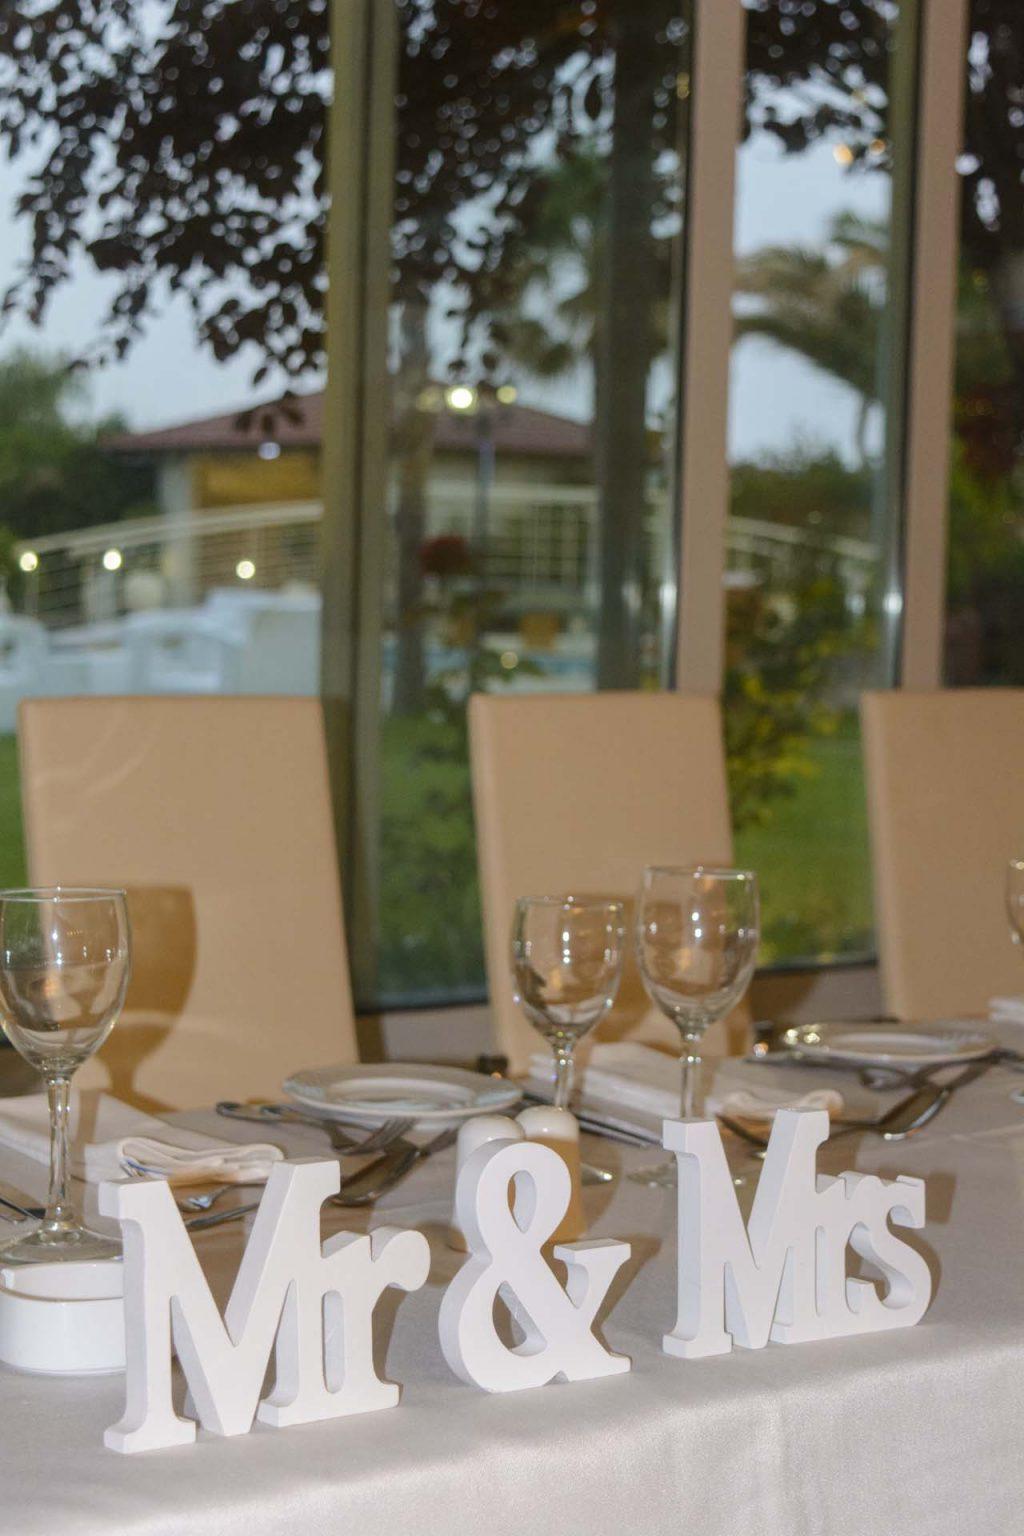 Νυφικό τραπέζι στην αίθουσα Κνωσσός στο κτήμα Αριάδνη με θέμα την πισίνα